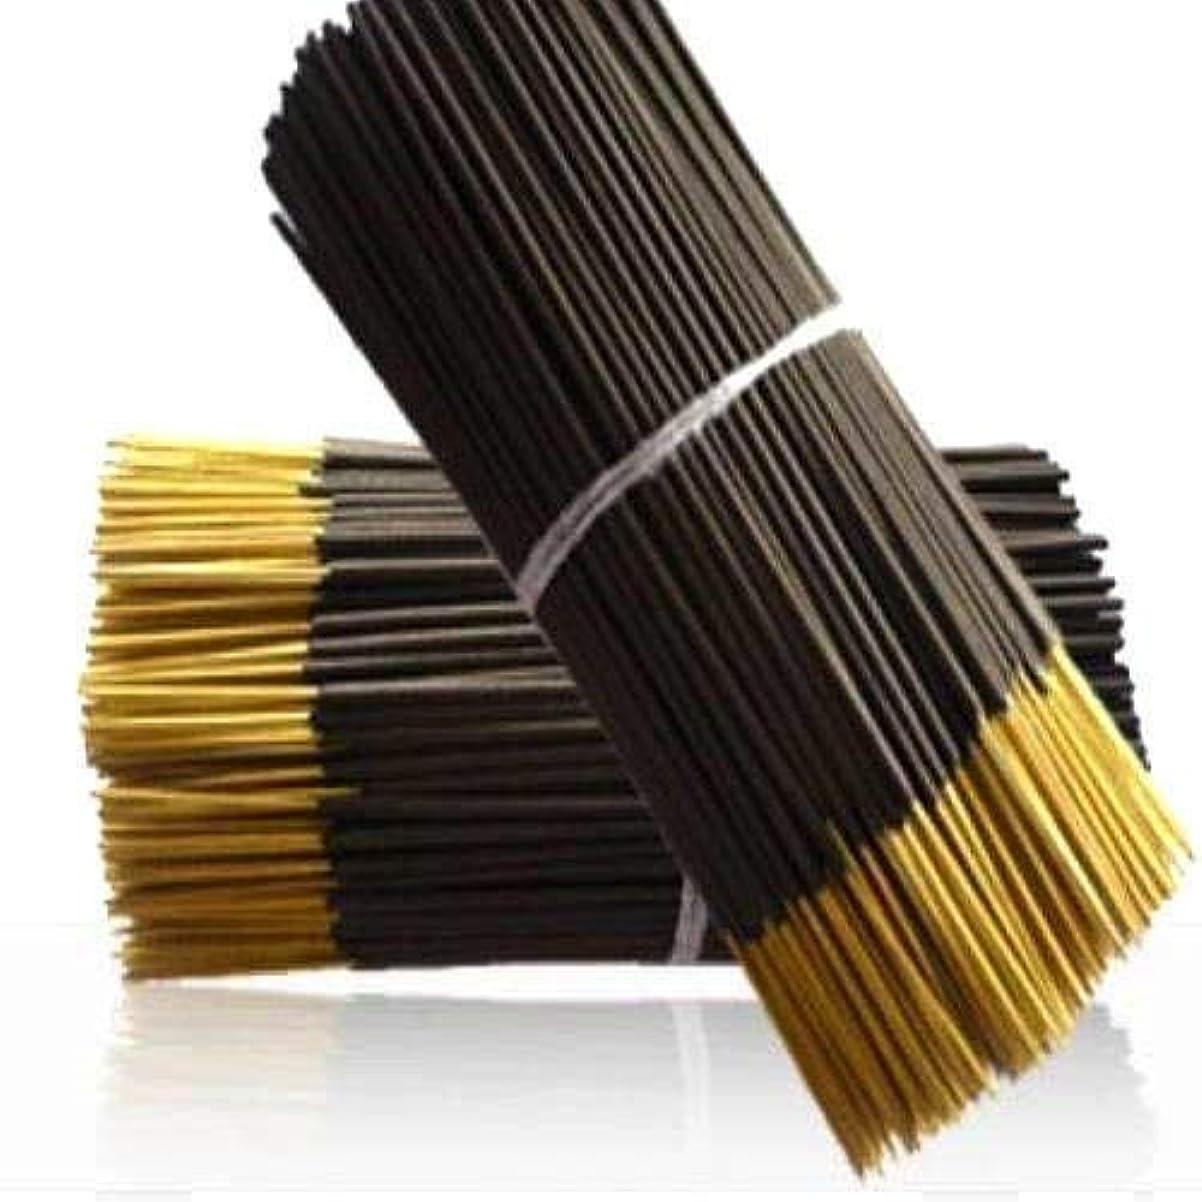 同化する説教するトレードLakshmi Natural Products Raw Agarbatti Sticks 9